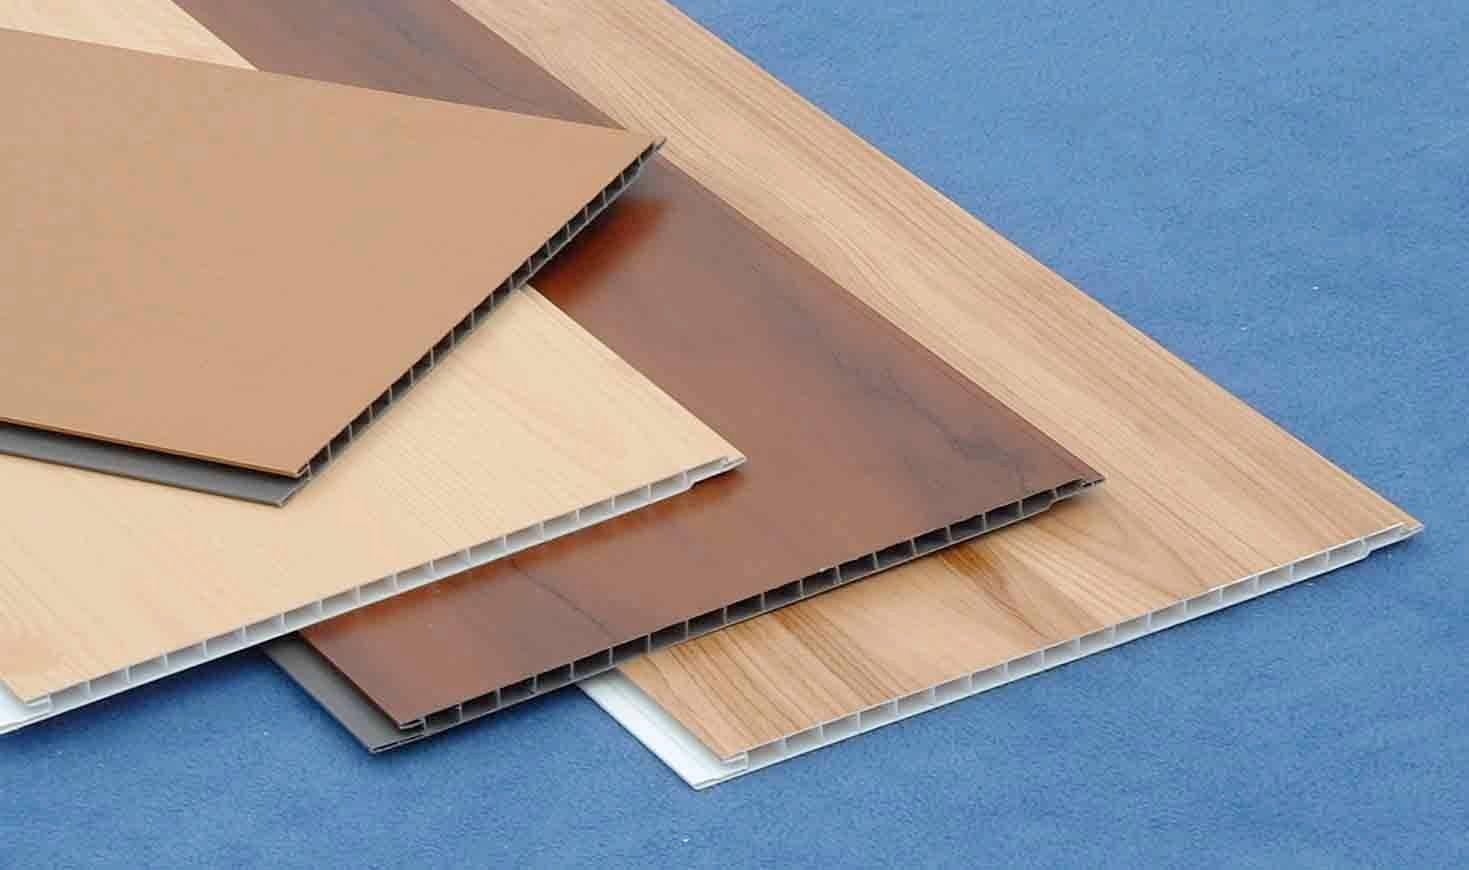 Краска для пластика в баллончиках: спреи и аэрозоли под хром и золото, зеркальная аэрозольная водостойкая краска